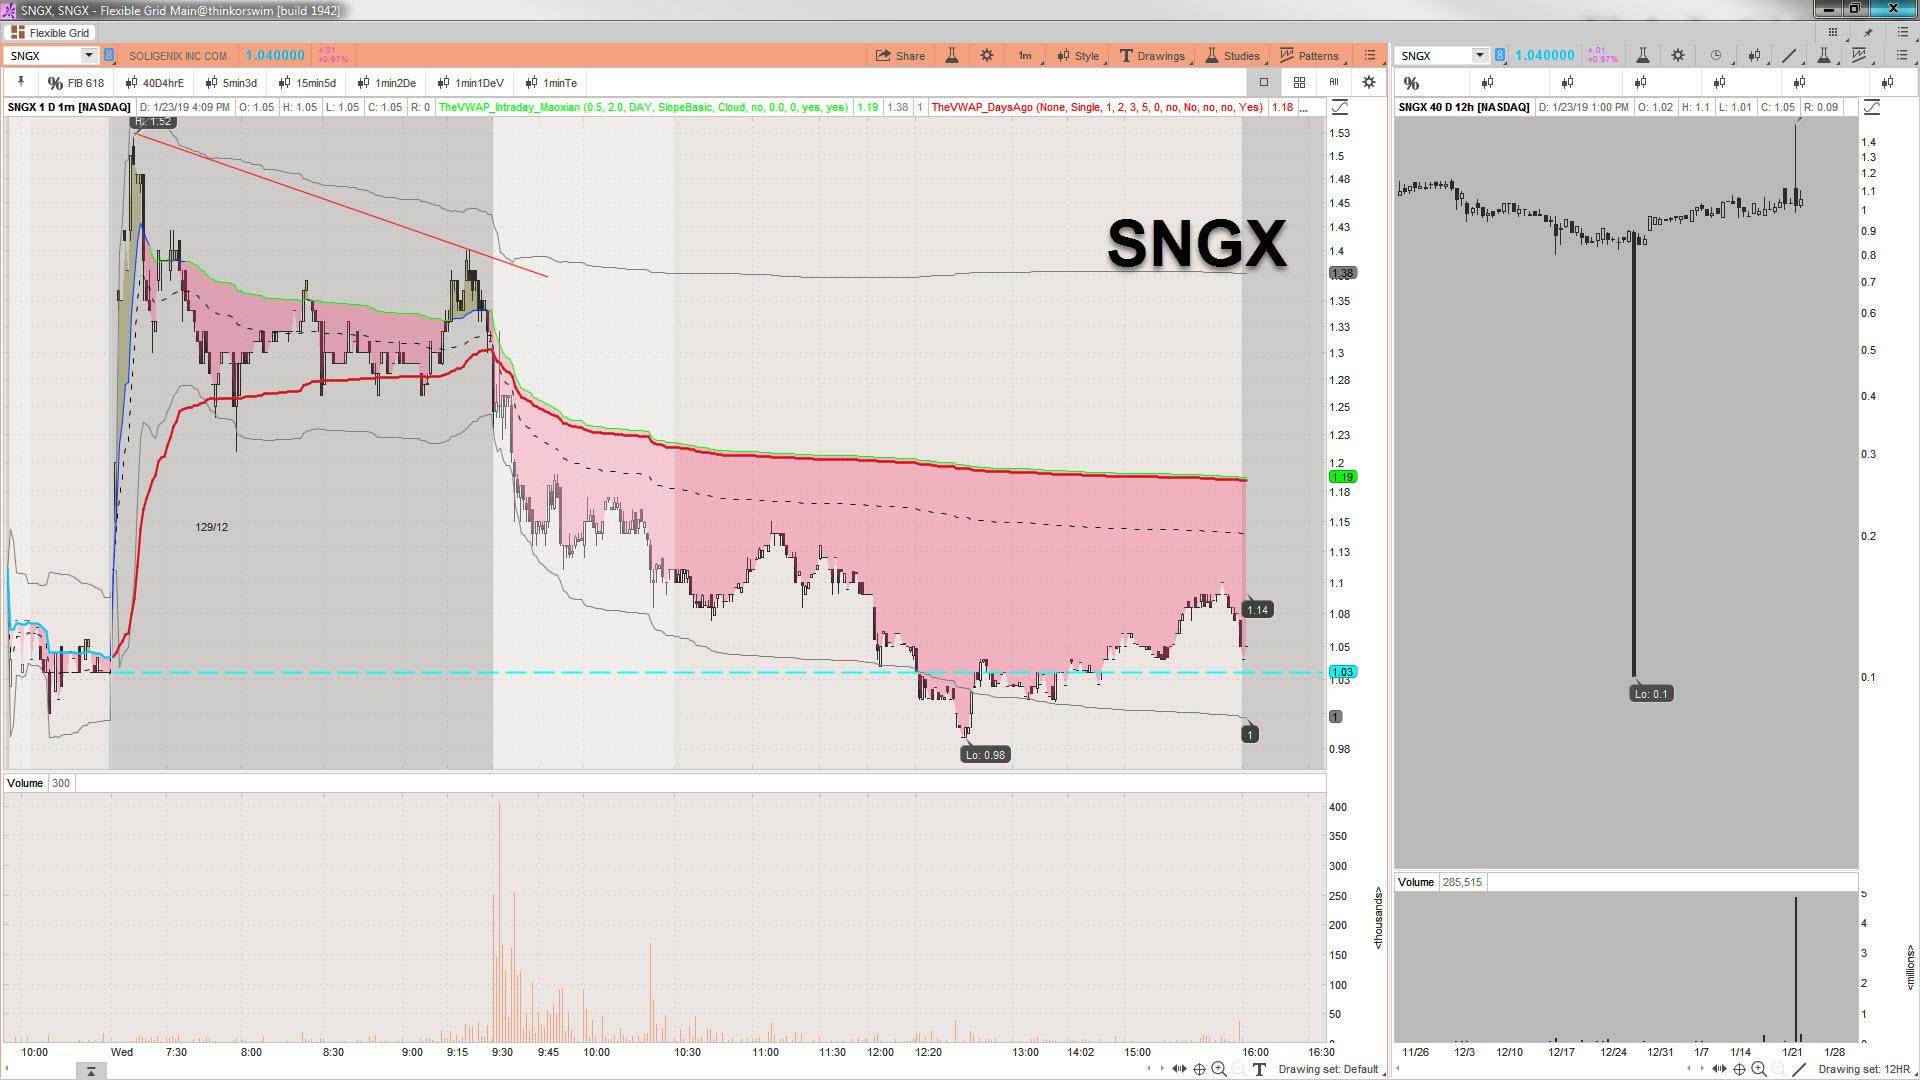 2019-01-23_16-13-58 SNGX.jpg